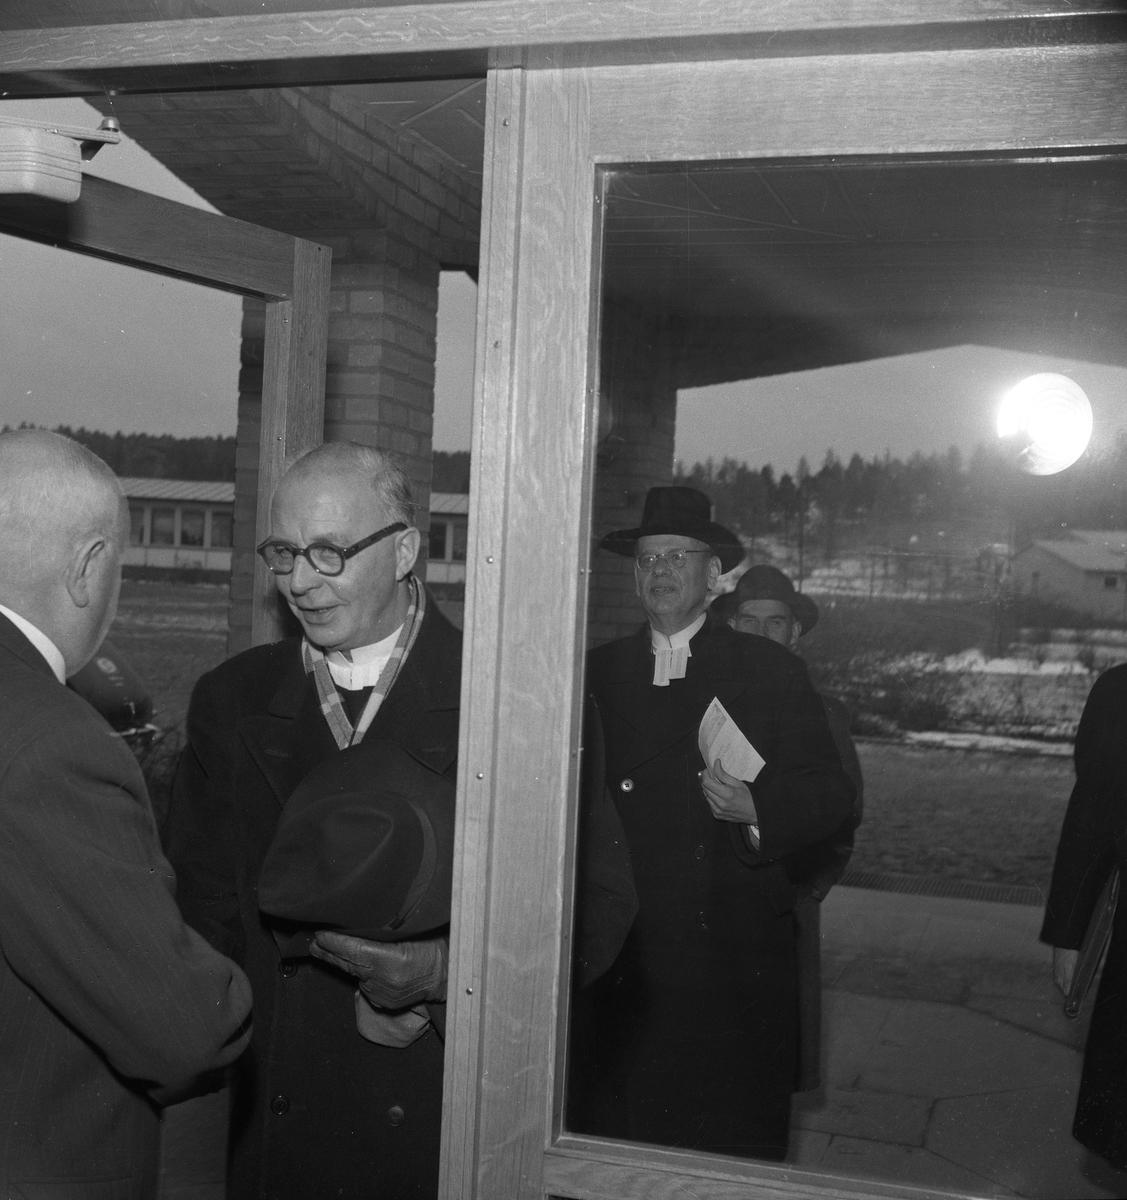 Biskop John Cullberg är på besök på den nyöppnade Gäddgårdsskolan. Efter honom kommer prosten Olof Björsell. Rektor, Georg Rudhner hälsar välkommen.